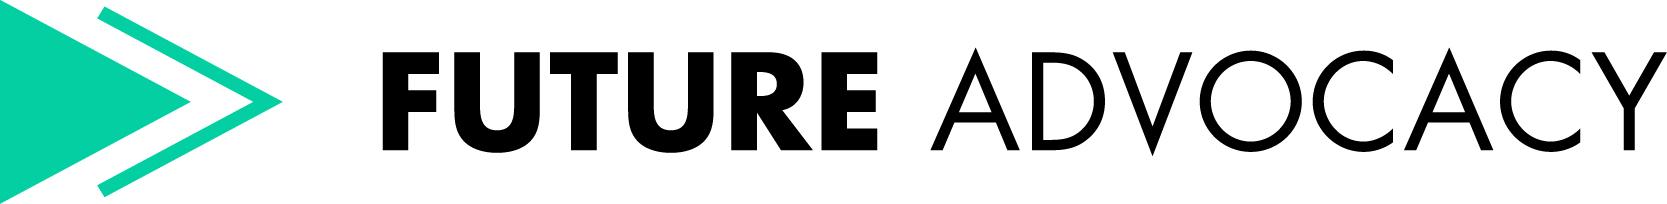 Future Advocacy logo